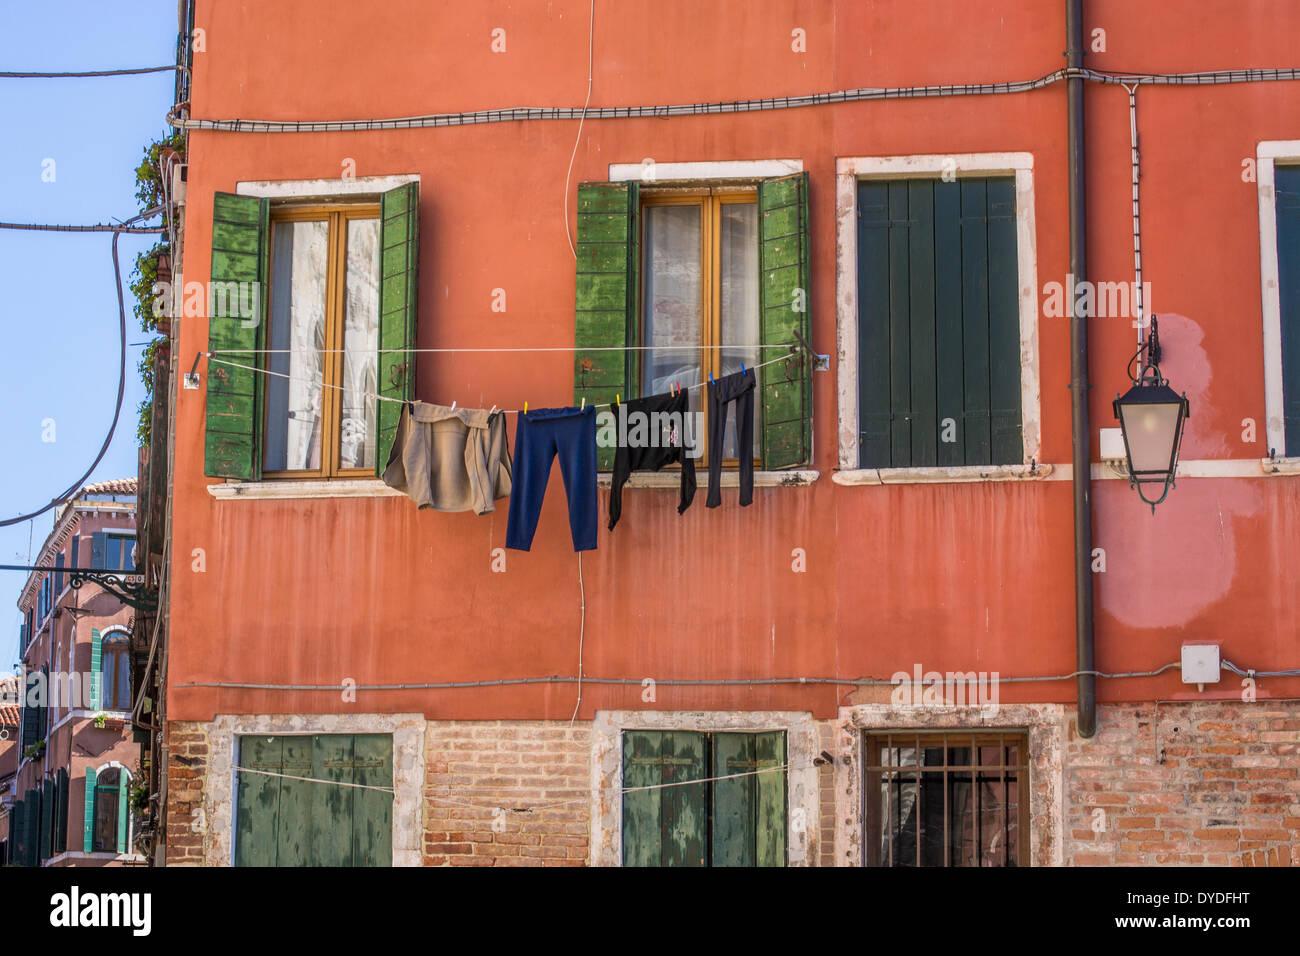 Uno scorcio della vita quotidiana a Venezia. Immagini Stock